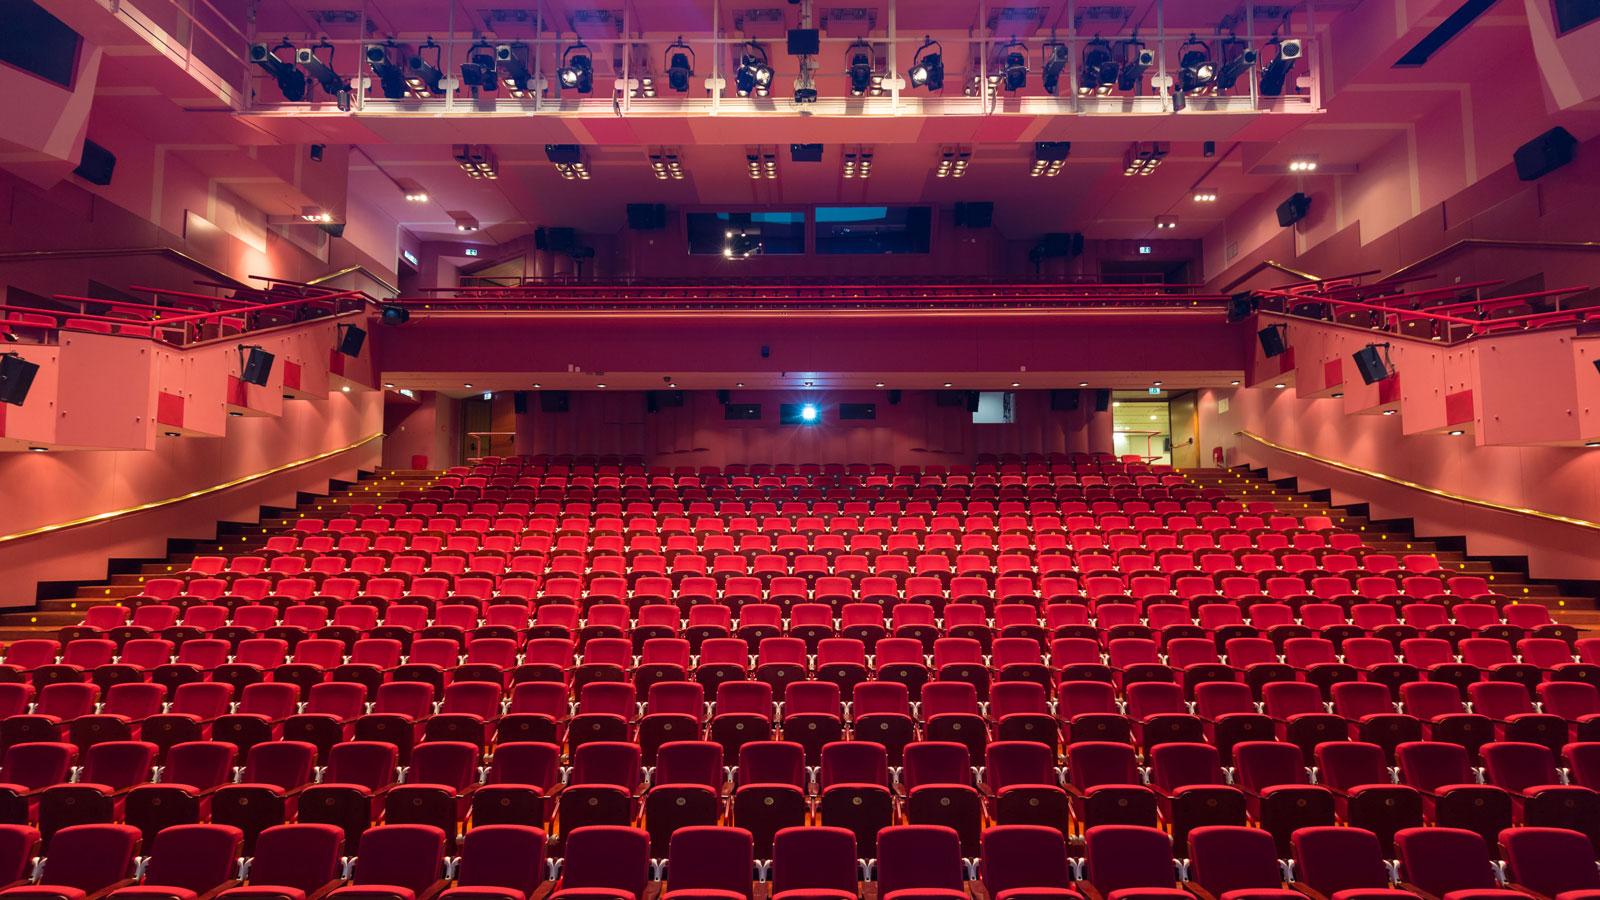 empty-concert-hall-16x9